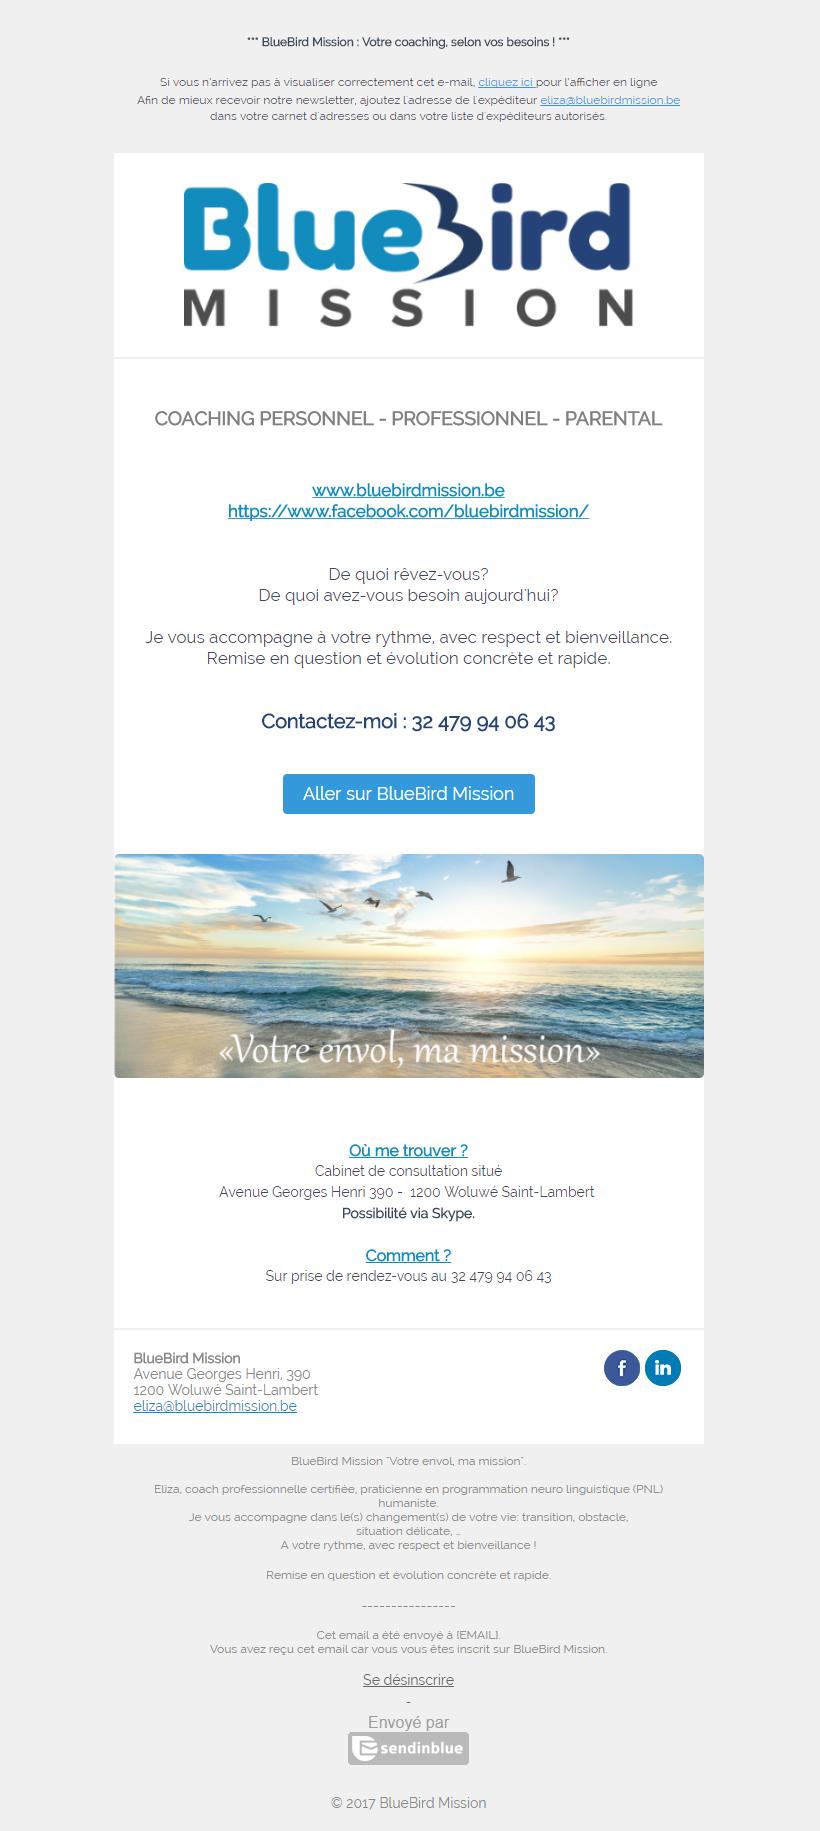 Bluebird Mission Newsletter